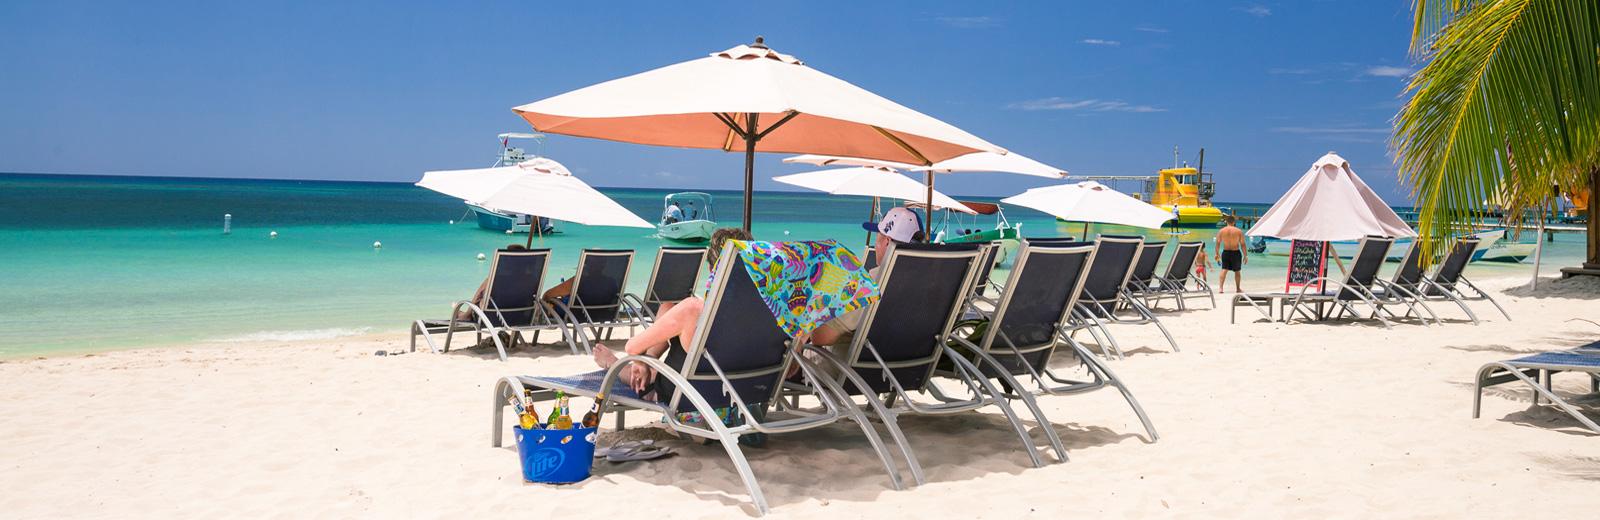 http://www.beachersroatan.com/wp-content/uploads/2015/09/slider2.jpg